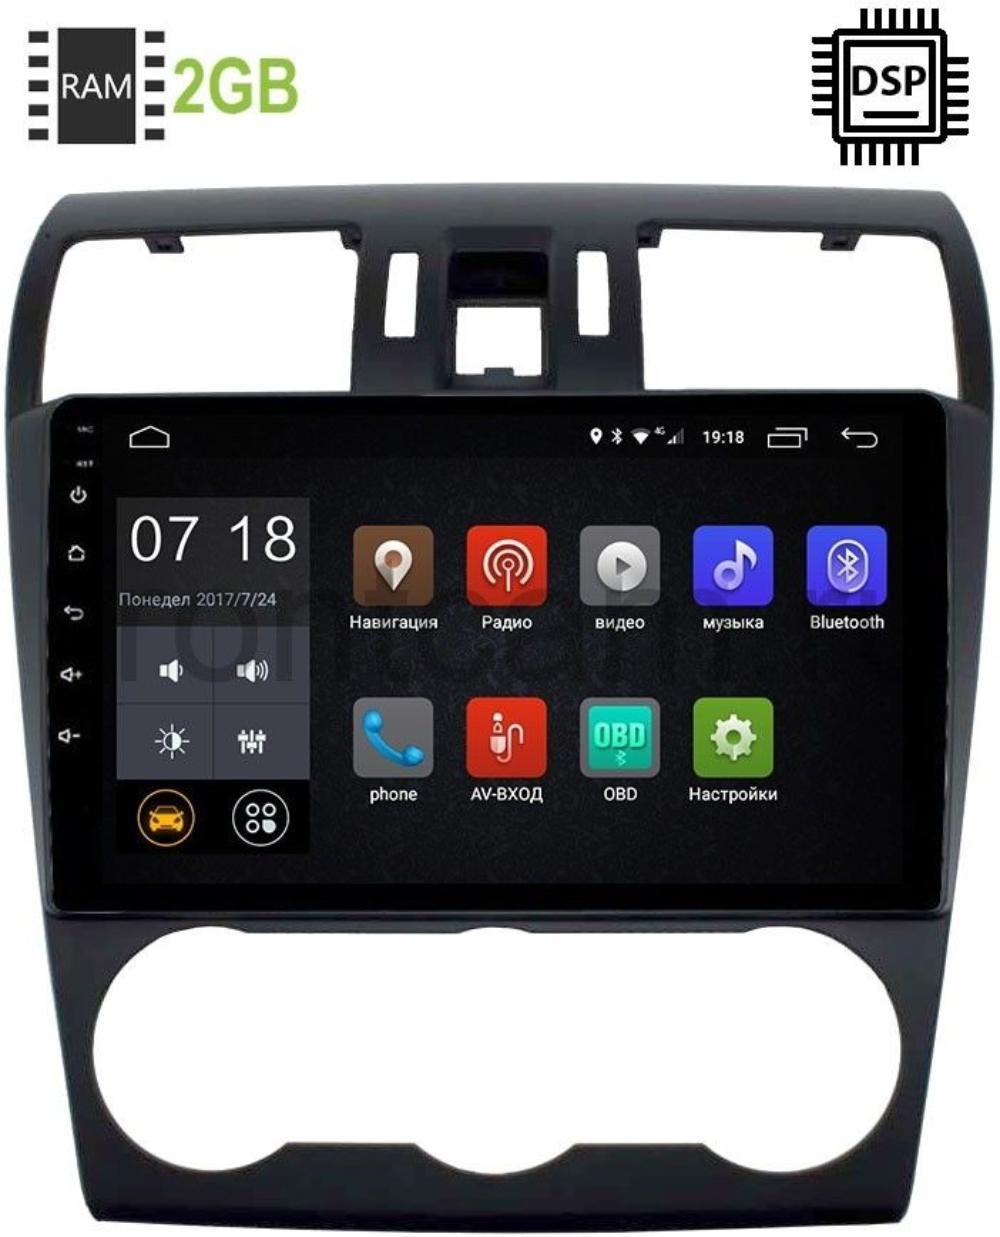 Штатная магнитола Subaru Forester IV, Impreza IV, XV I 2011-2015 LeTrun 2910-2986 Android 9.0 9 дюймов (DSP 2/16GB) 9132 (+ Камера заднего вида в подарок!)